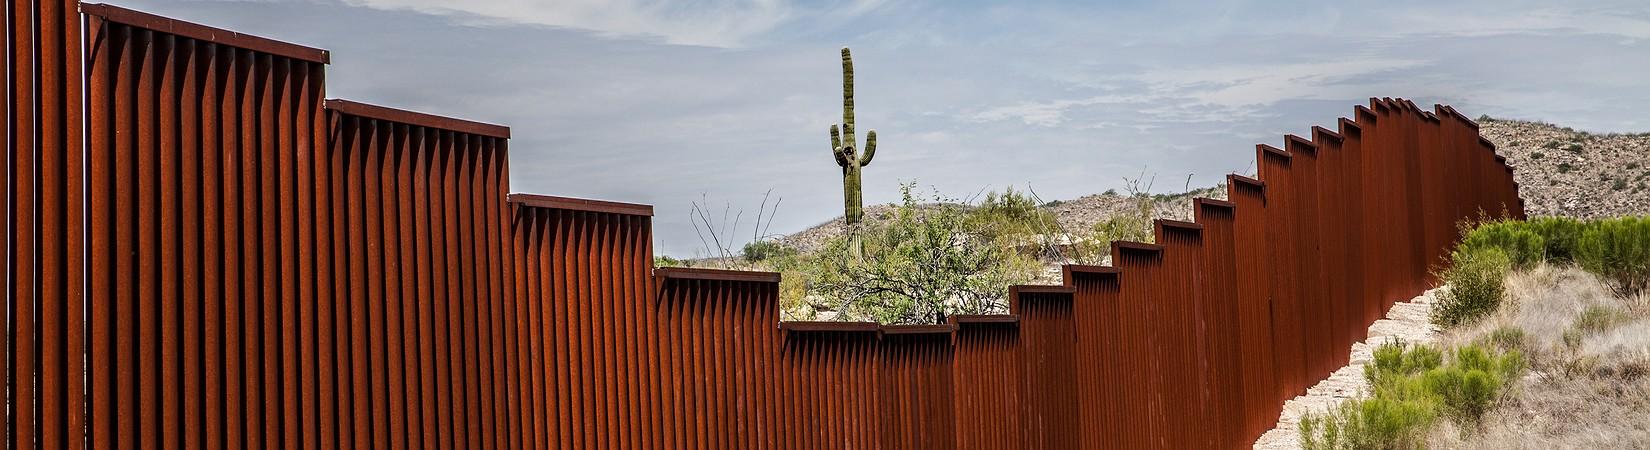 Trump firma la orden para construir un muro en la frontera con México